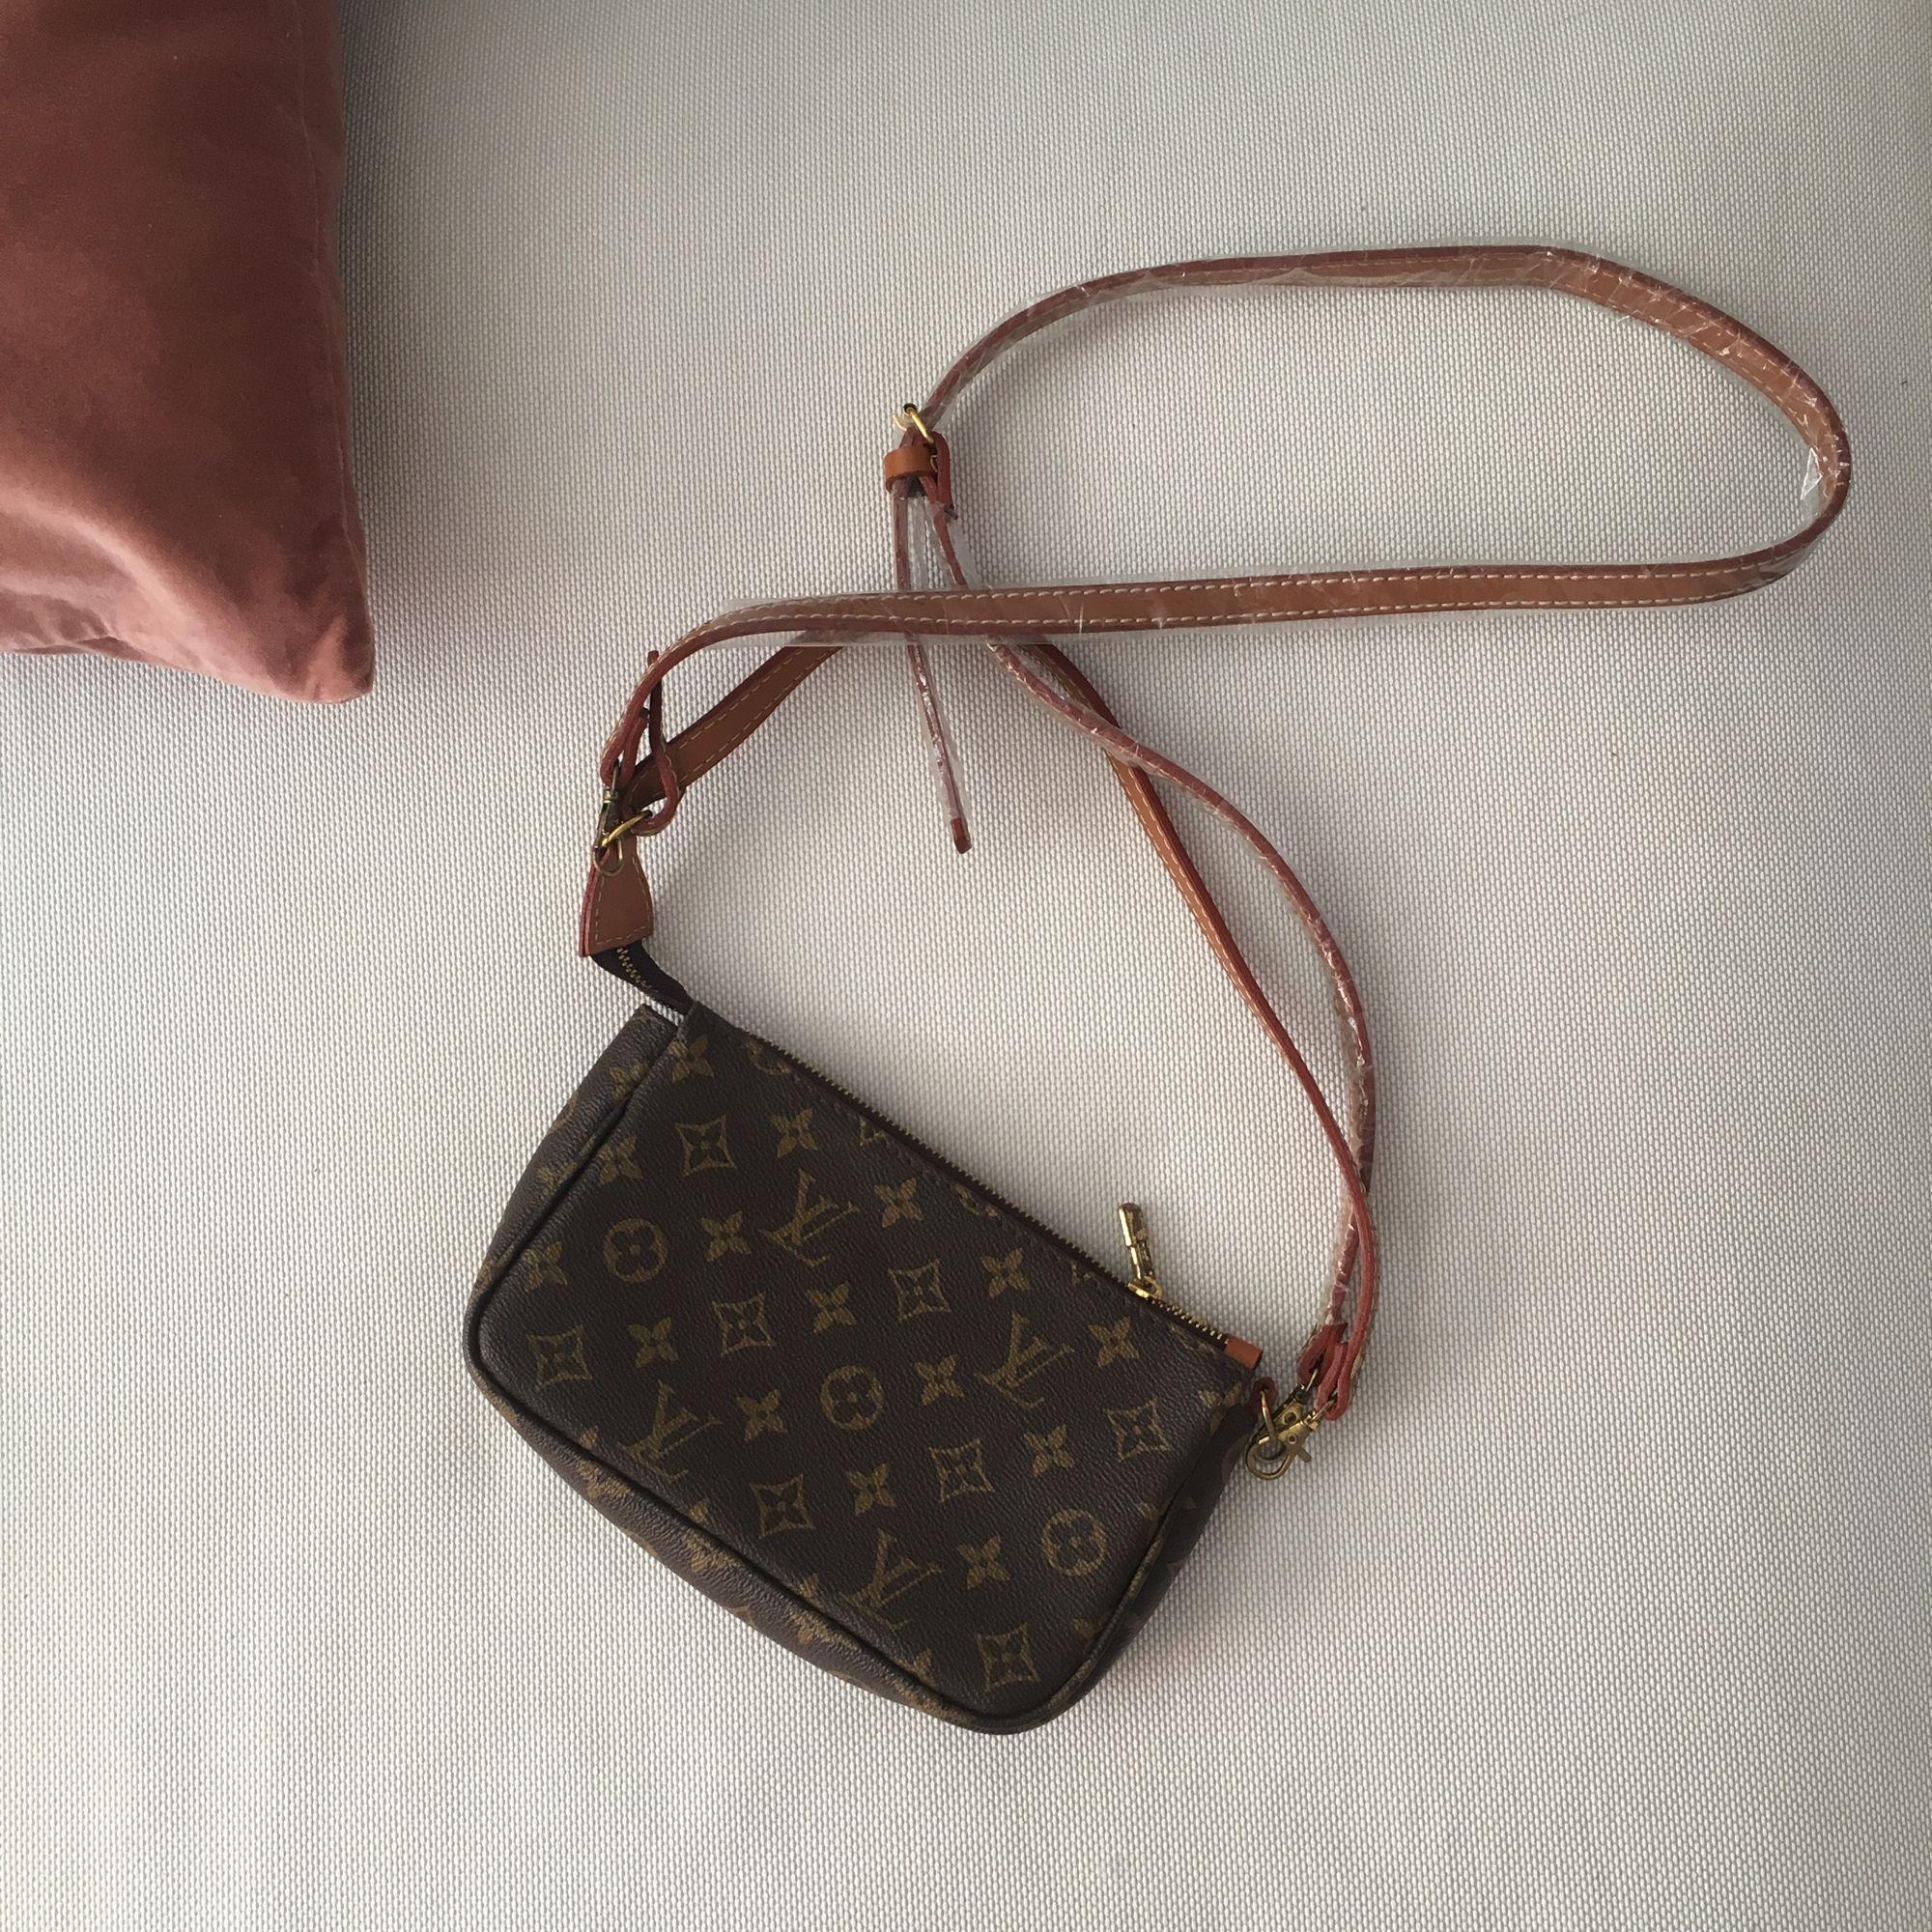 c7ed4c135bf74 Louis Vuitton inspirierte Tasche   Crossbody. Niemals mit Kunststoff um die  Gurte herum verwenden.